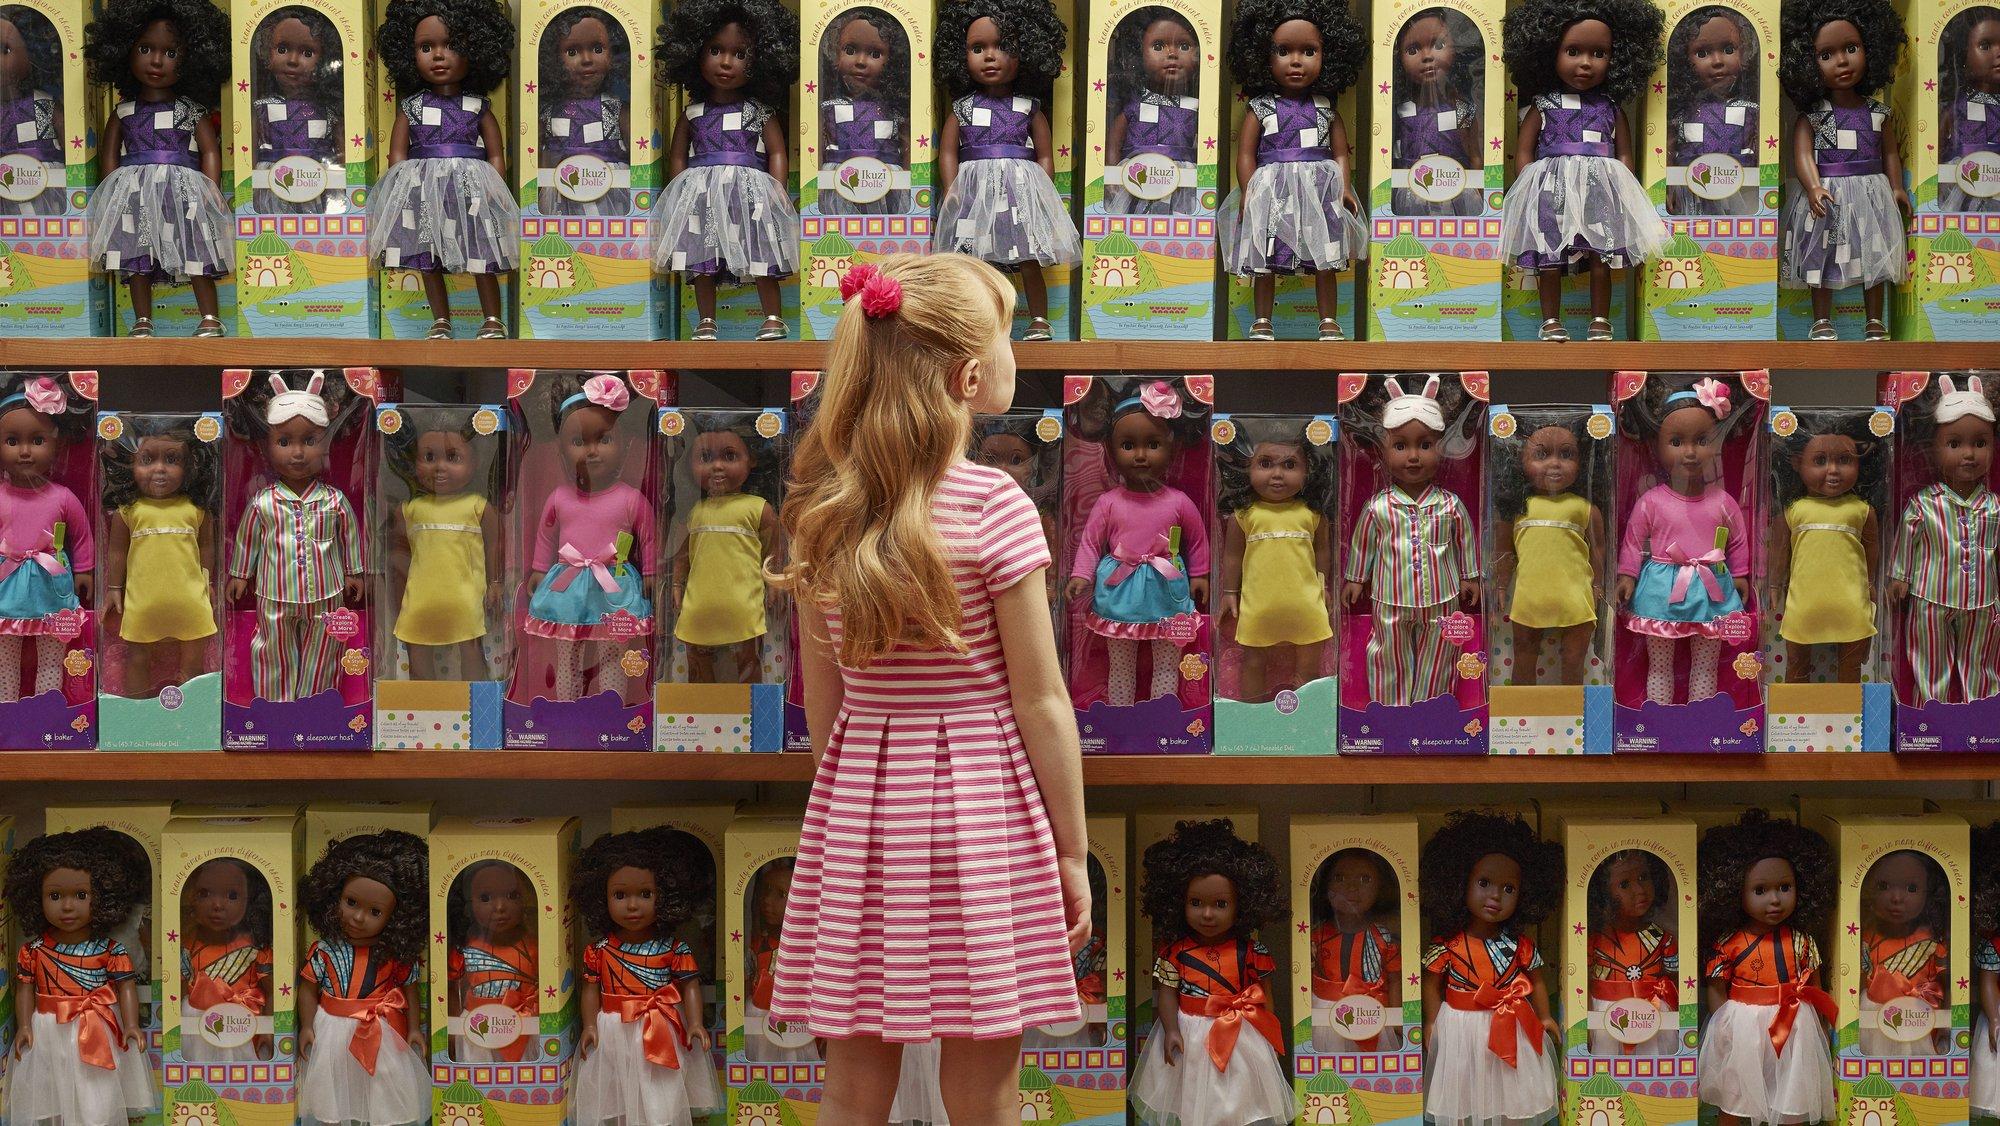 a white little girl looks up a shelves full of Black dolls